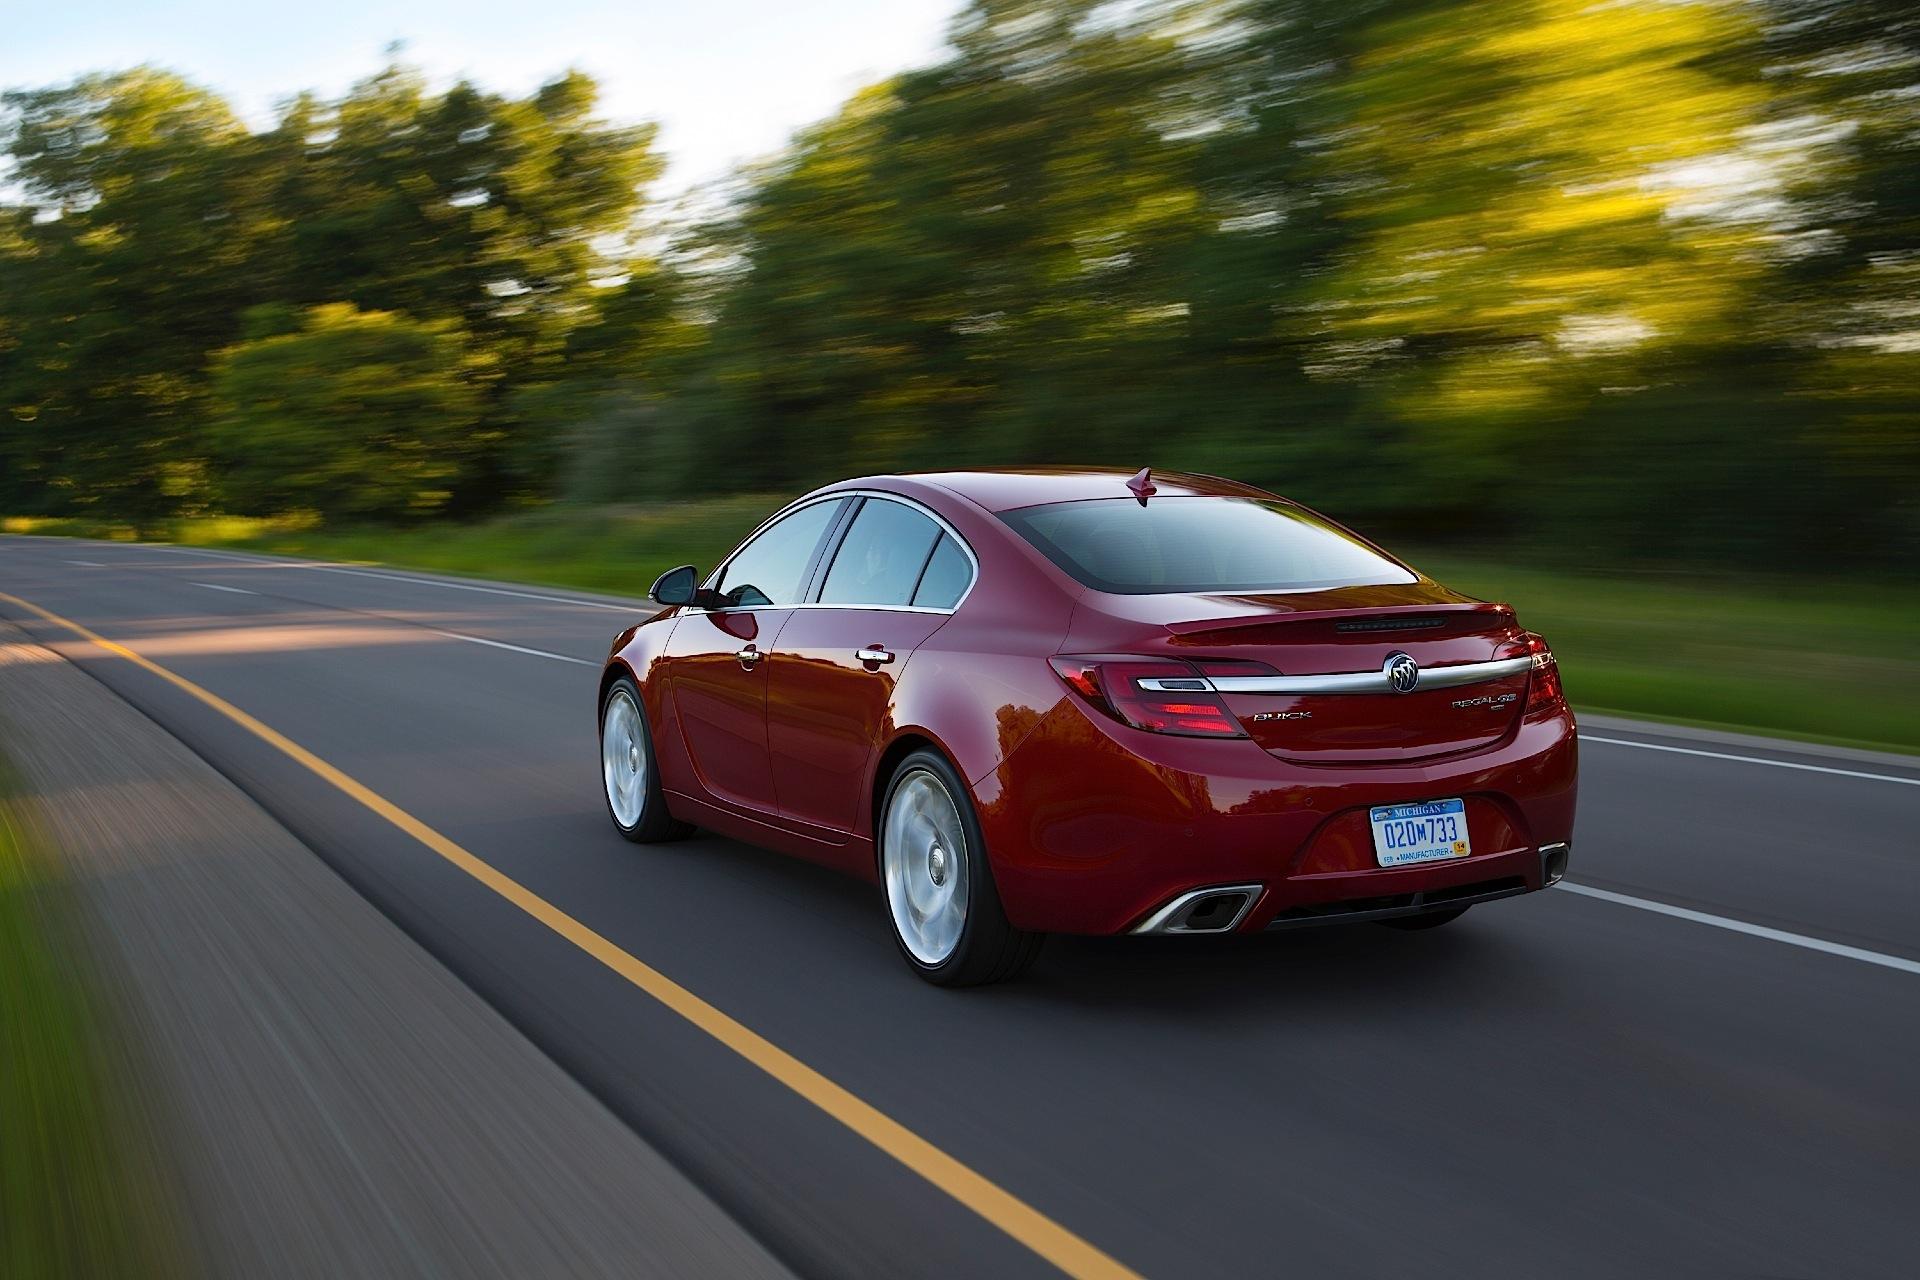 2012 buick regal gs manual